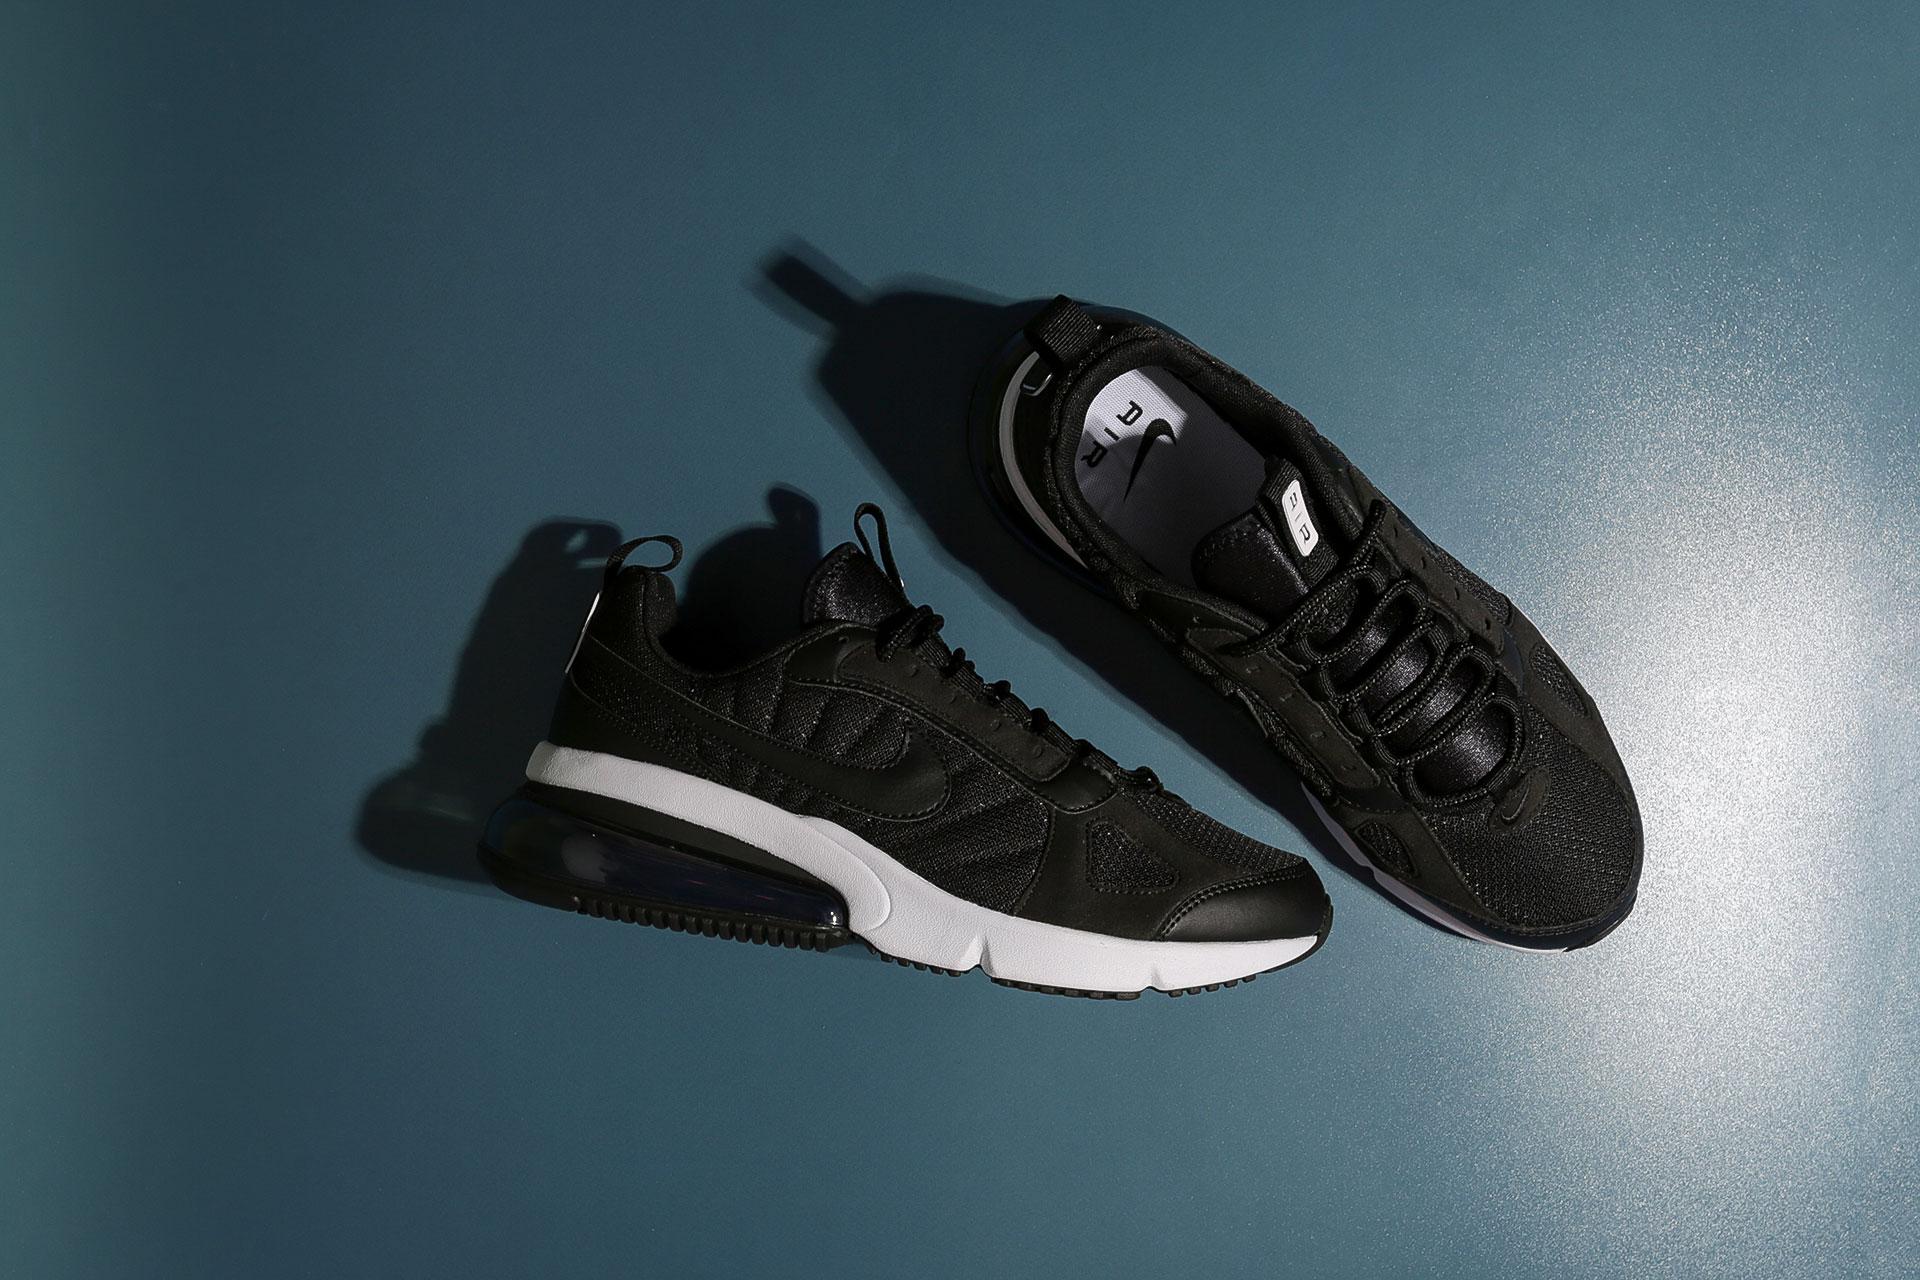 11ff1cdd Купить черные мужские кроссовки Air Max 270 Futura от Nike (AO1569 ...